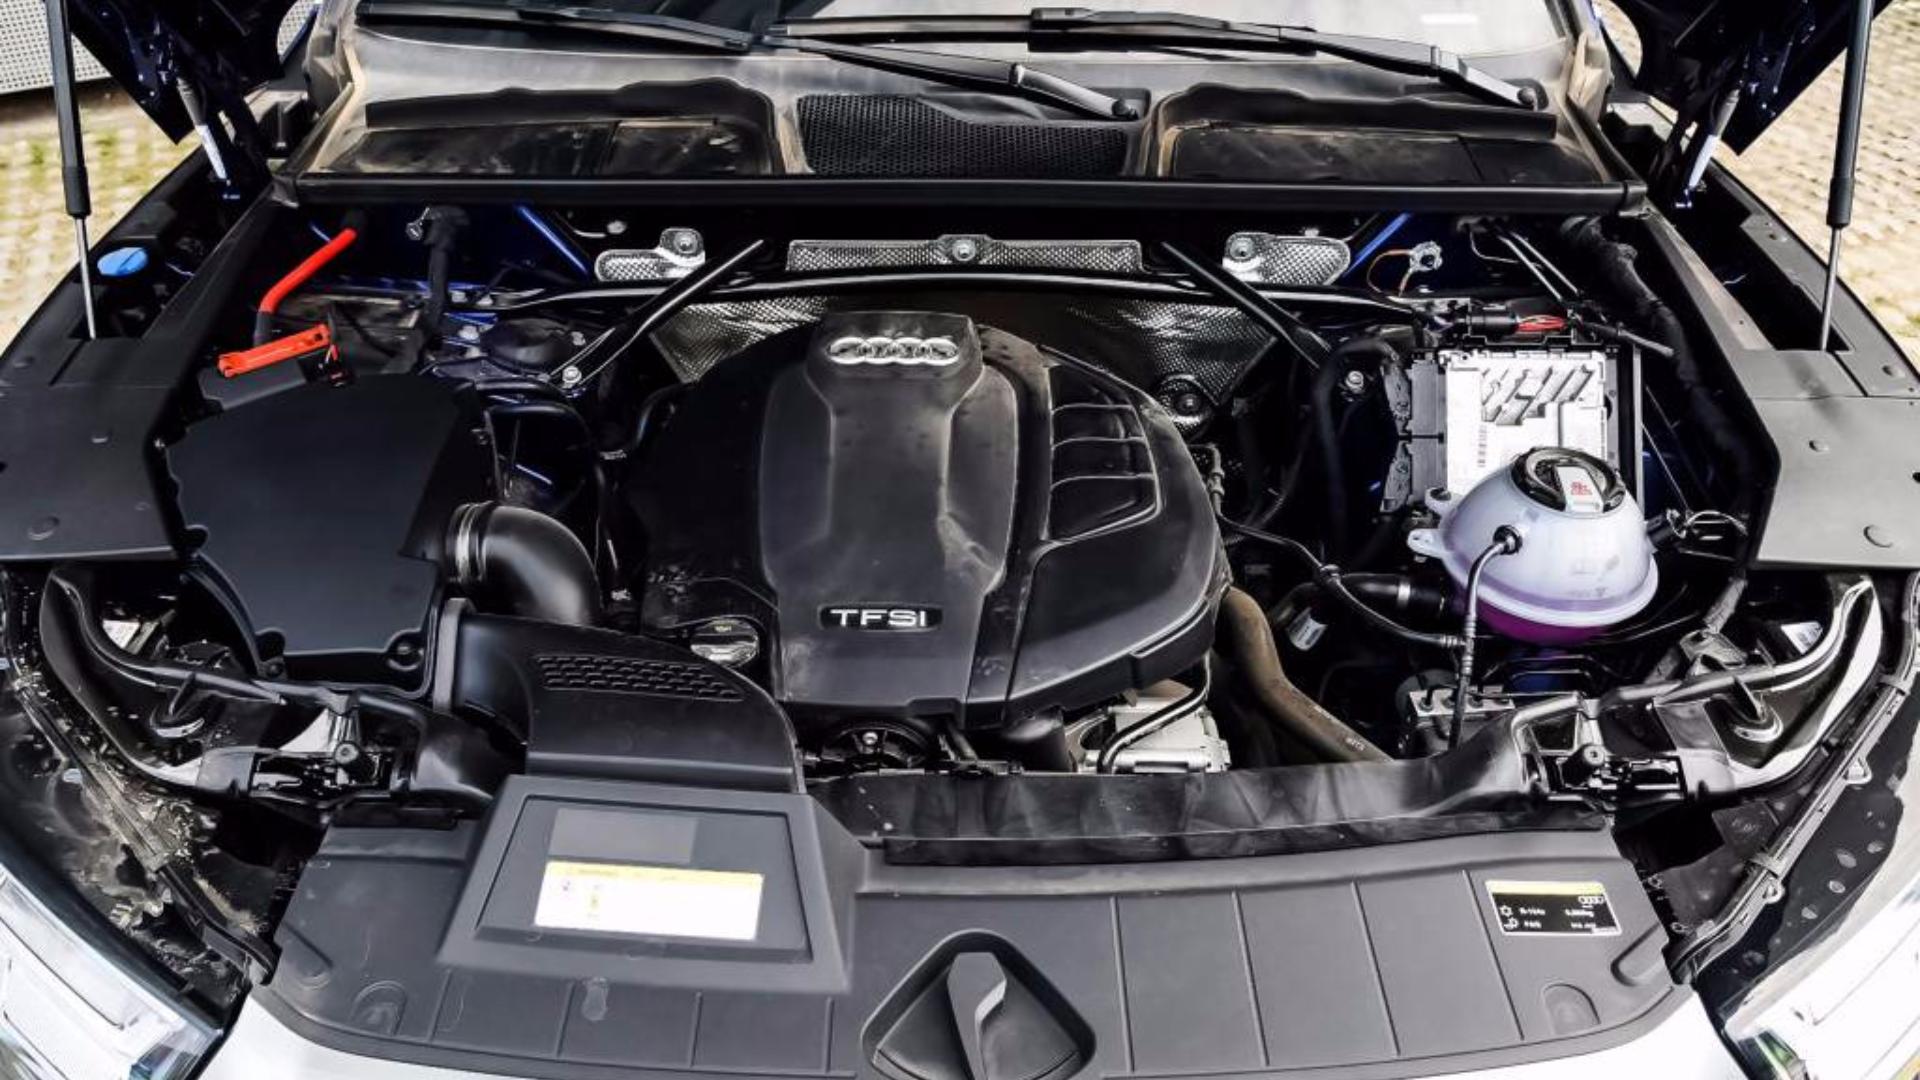 奥迪Q5L发动机抖动测试,全程平稳无严重抖动